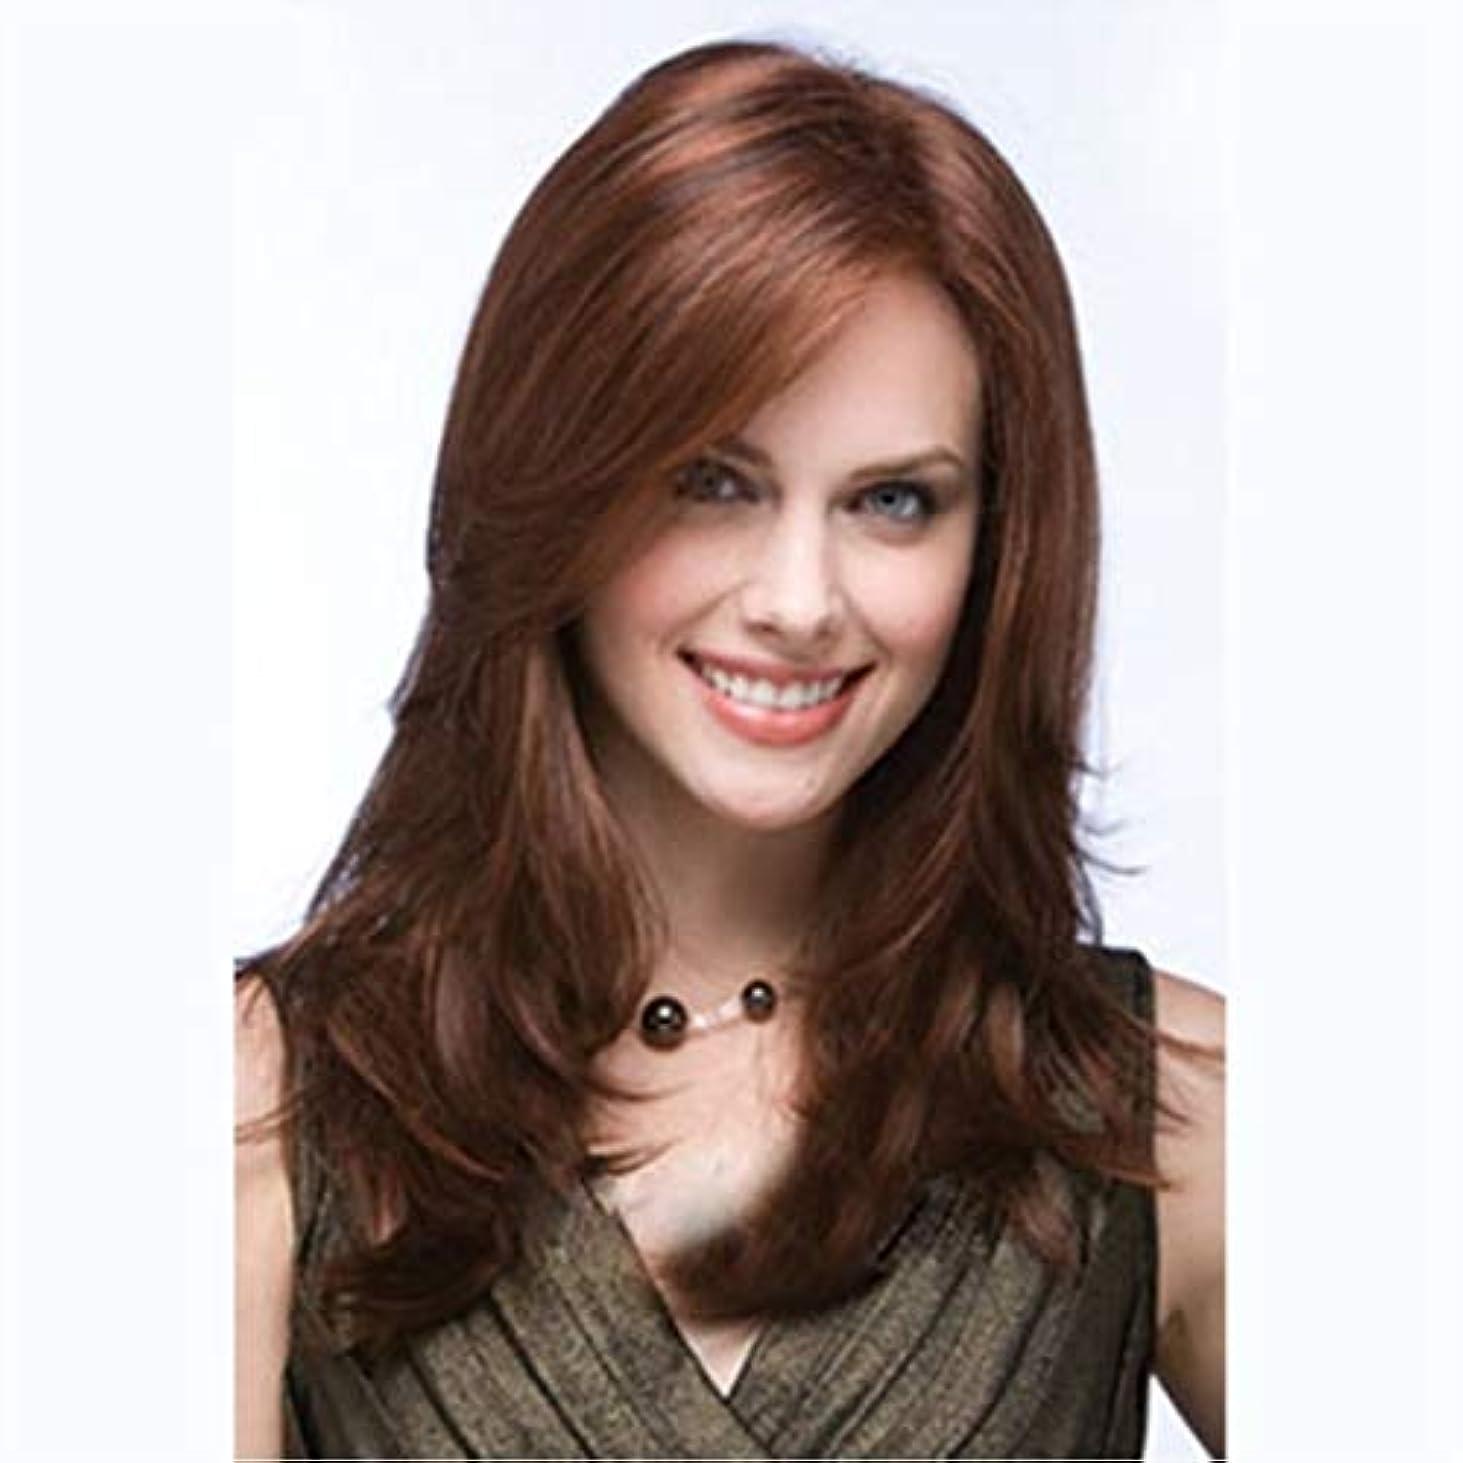 と組む優勢議論するKerwinner かつら斜め前髪ブラウンロングカーリーヘアーロングナチュラルウェーブミドルパート合成かつら用女性耐熱性